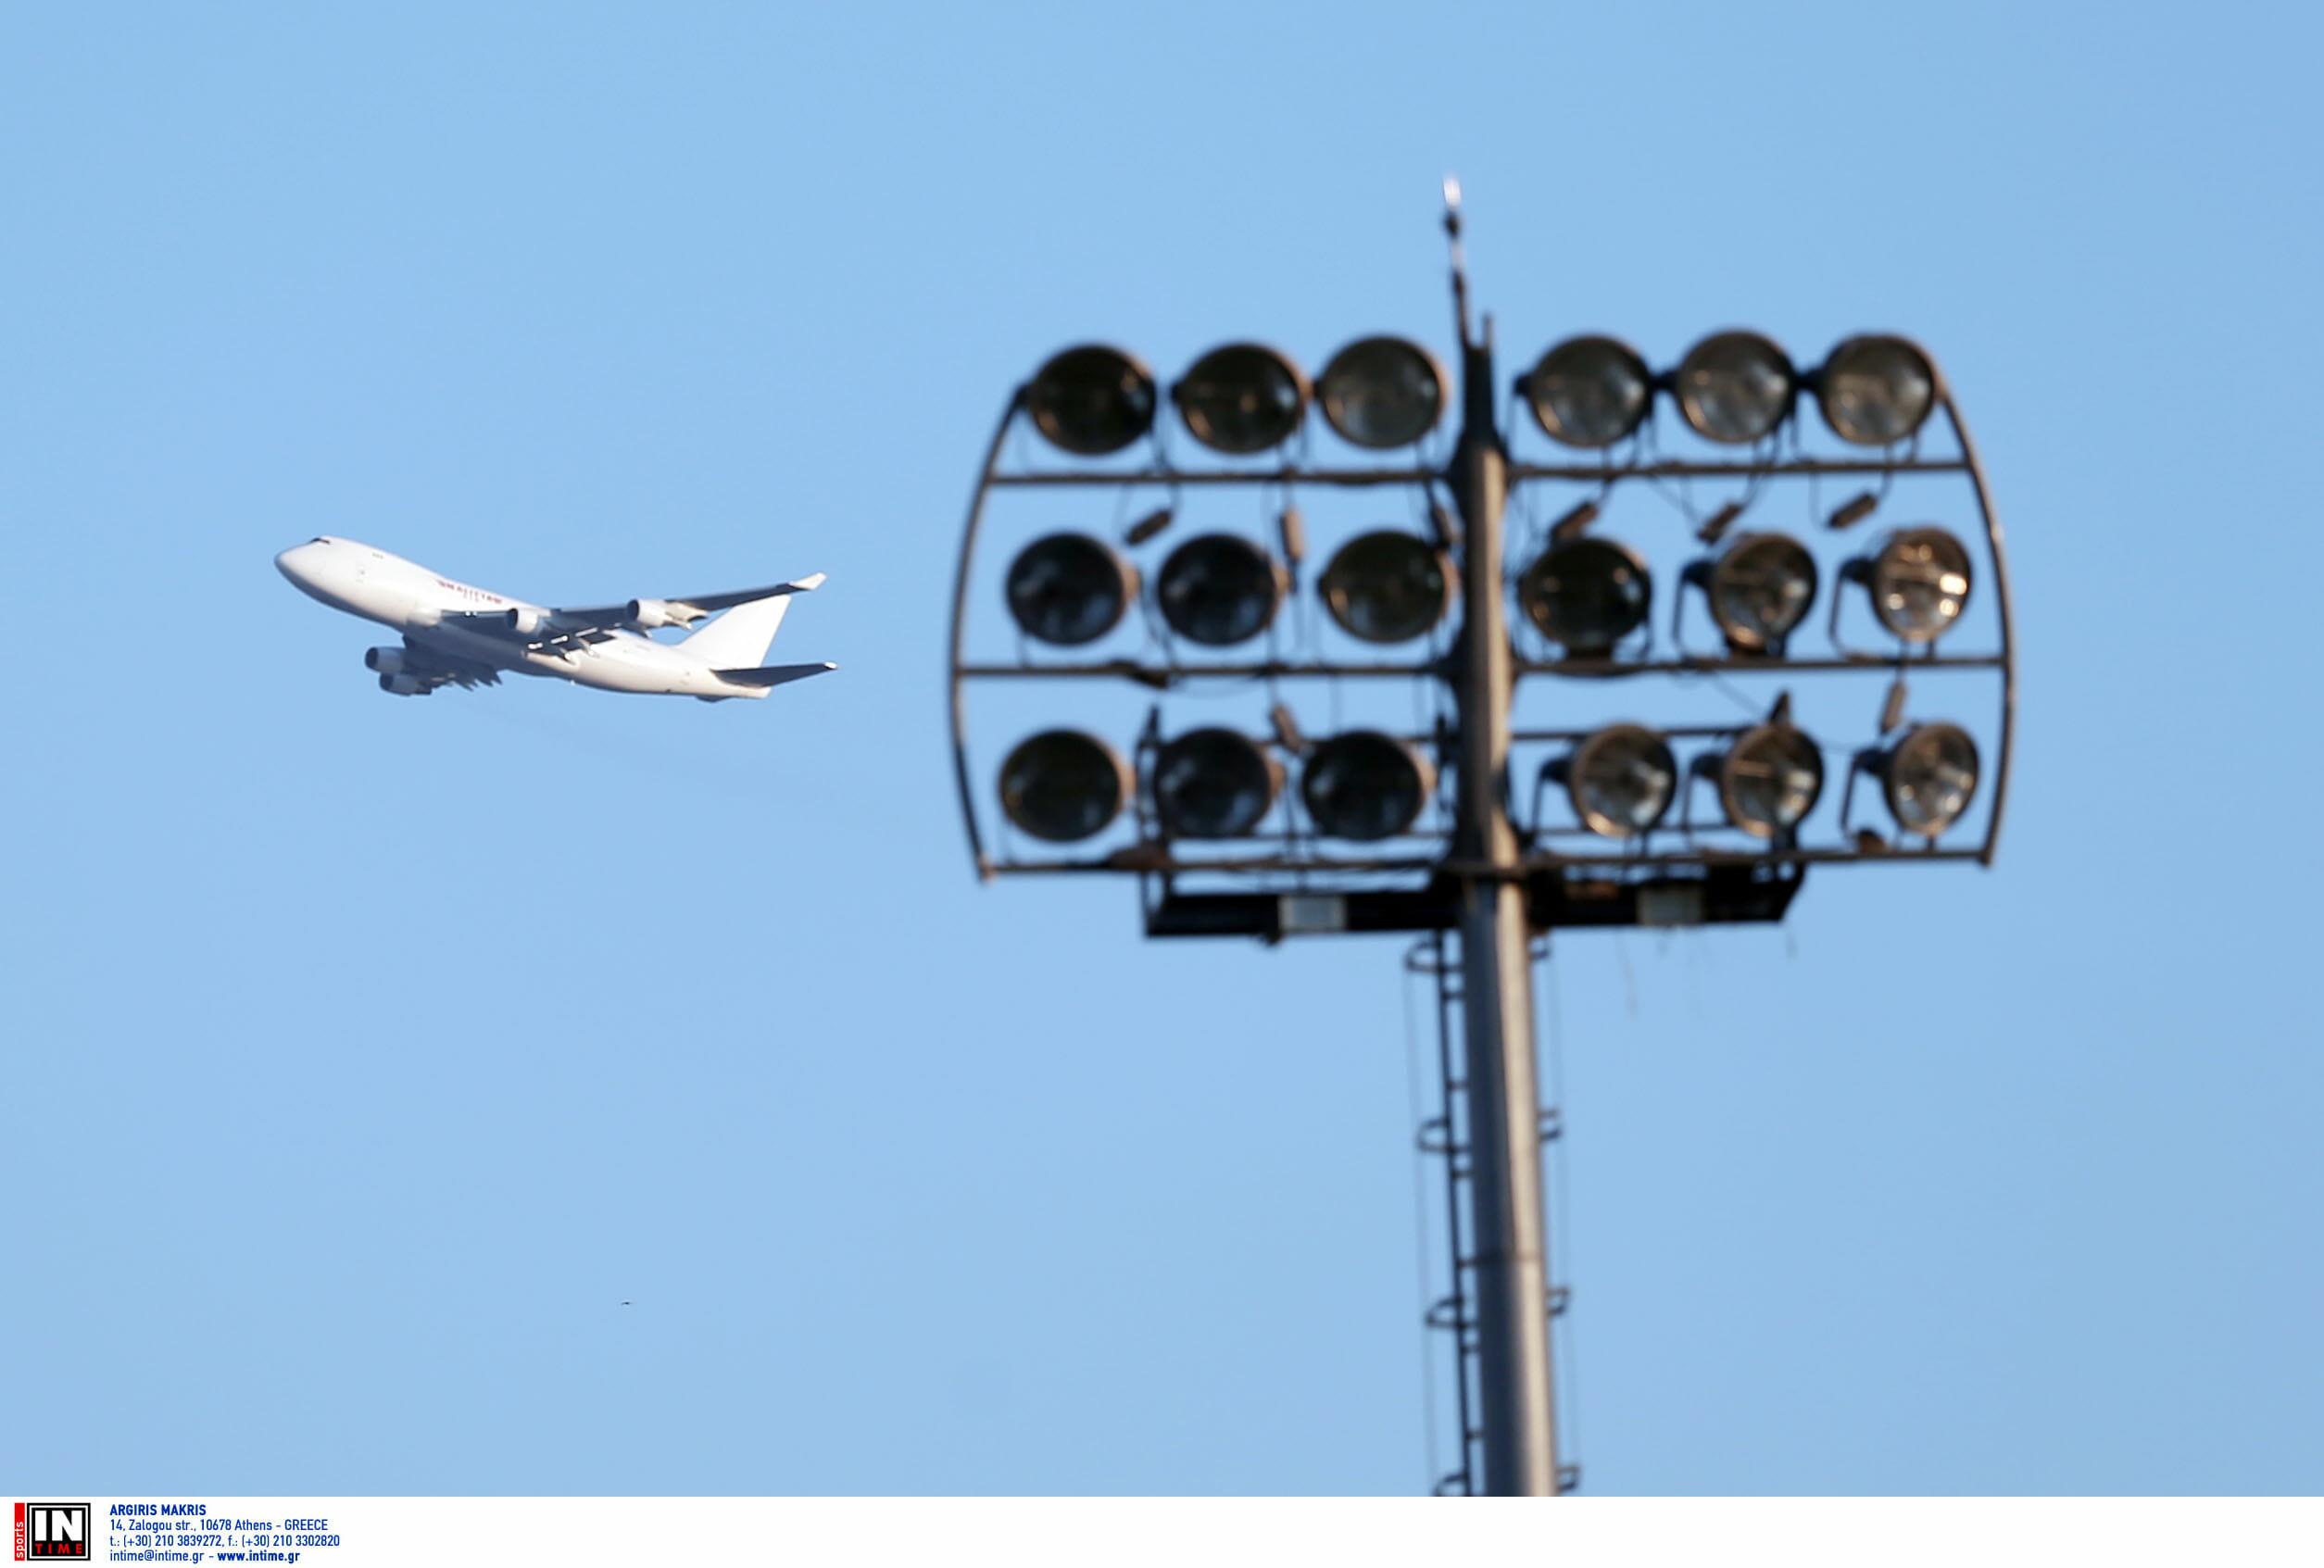 """ΑΠΟΕΛ: """"Θρίλερ"""" στον αέρα! Αναγκαστική προσγείωση αεροπλάνου που μετέφερε οπαδούς στη Βασιλεία"""